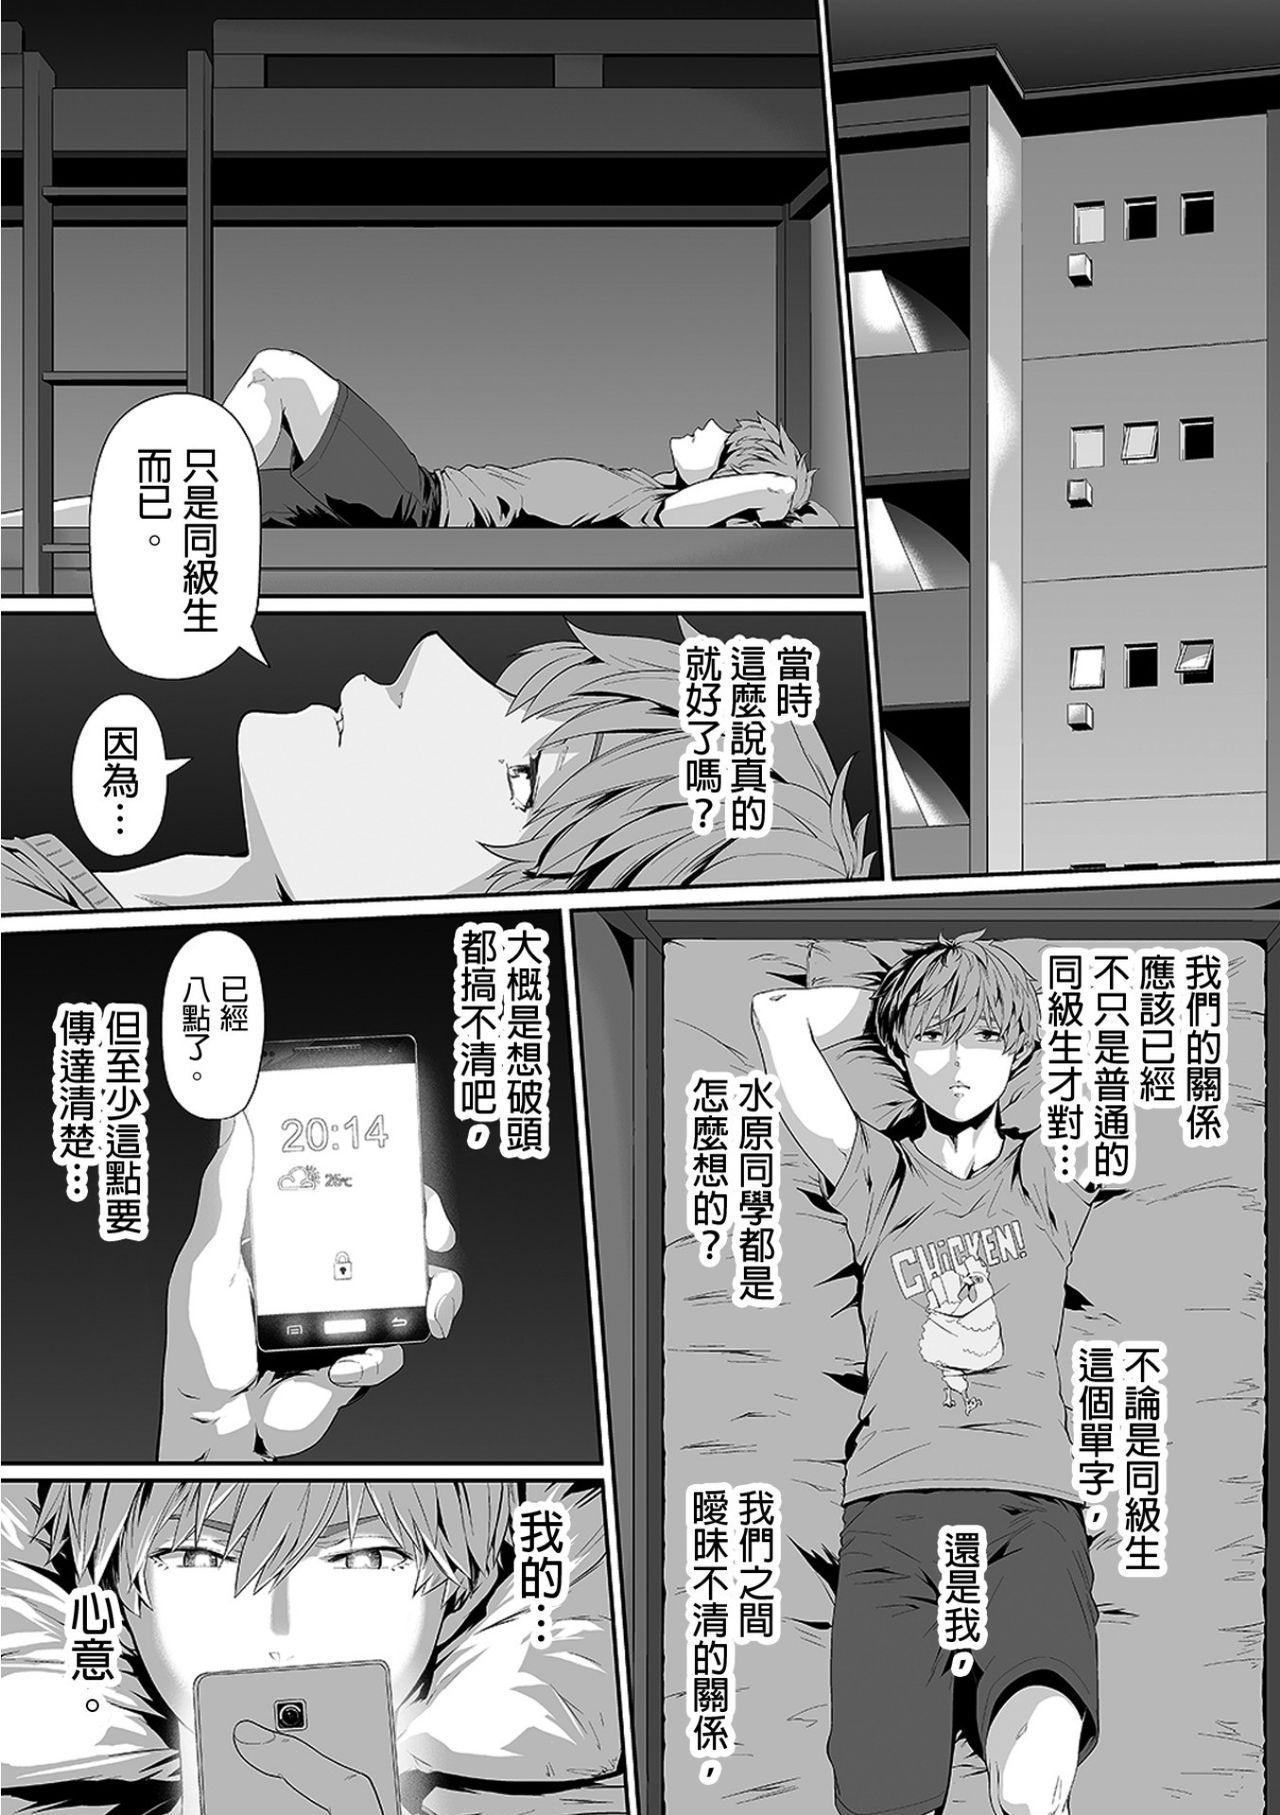 [Qunami Himehiko, Akahige] Gifu no Nurunuru Massage ~Musume no Kori o Asa kara Kurikuri~   義父的濕答答按摩~一早幫忙女兒放鬆肌肉~ Ch. 6 [Chinese] 11